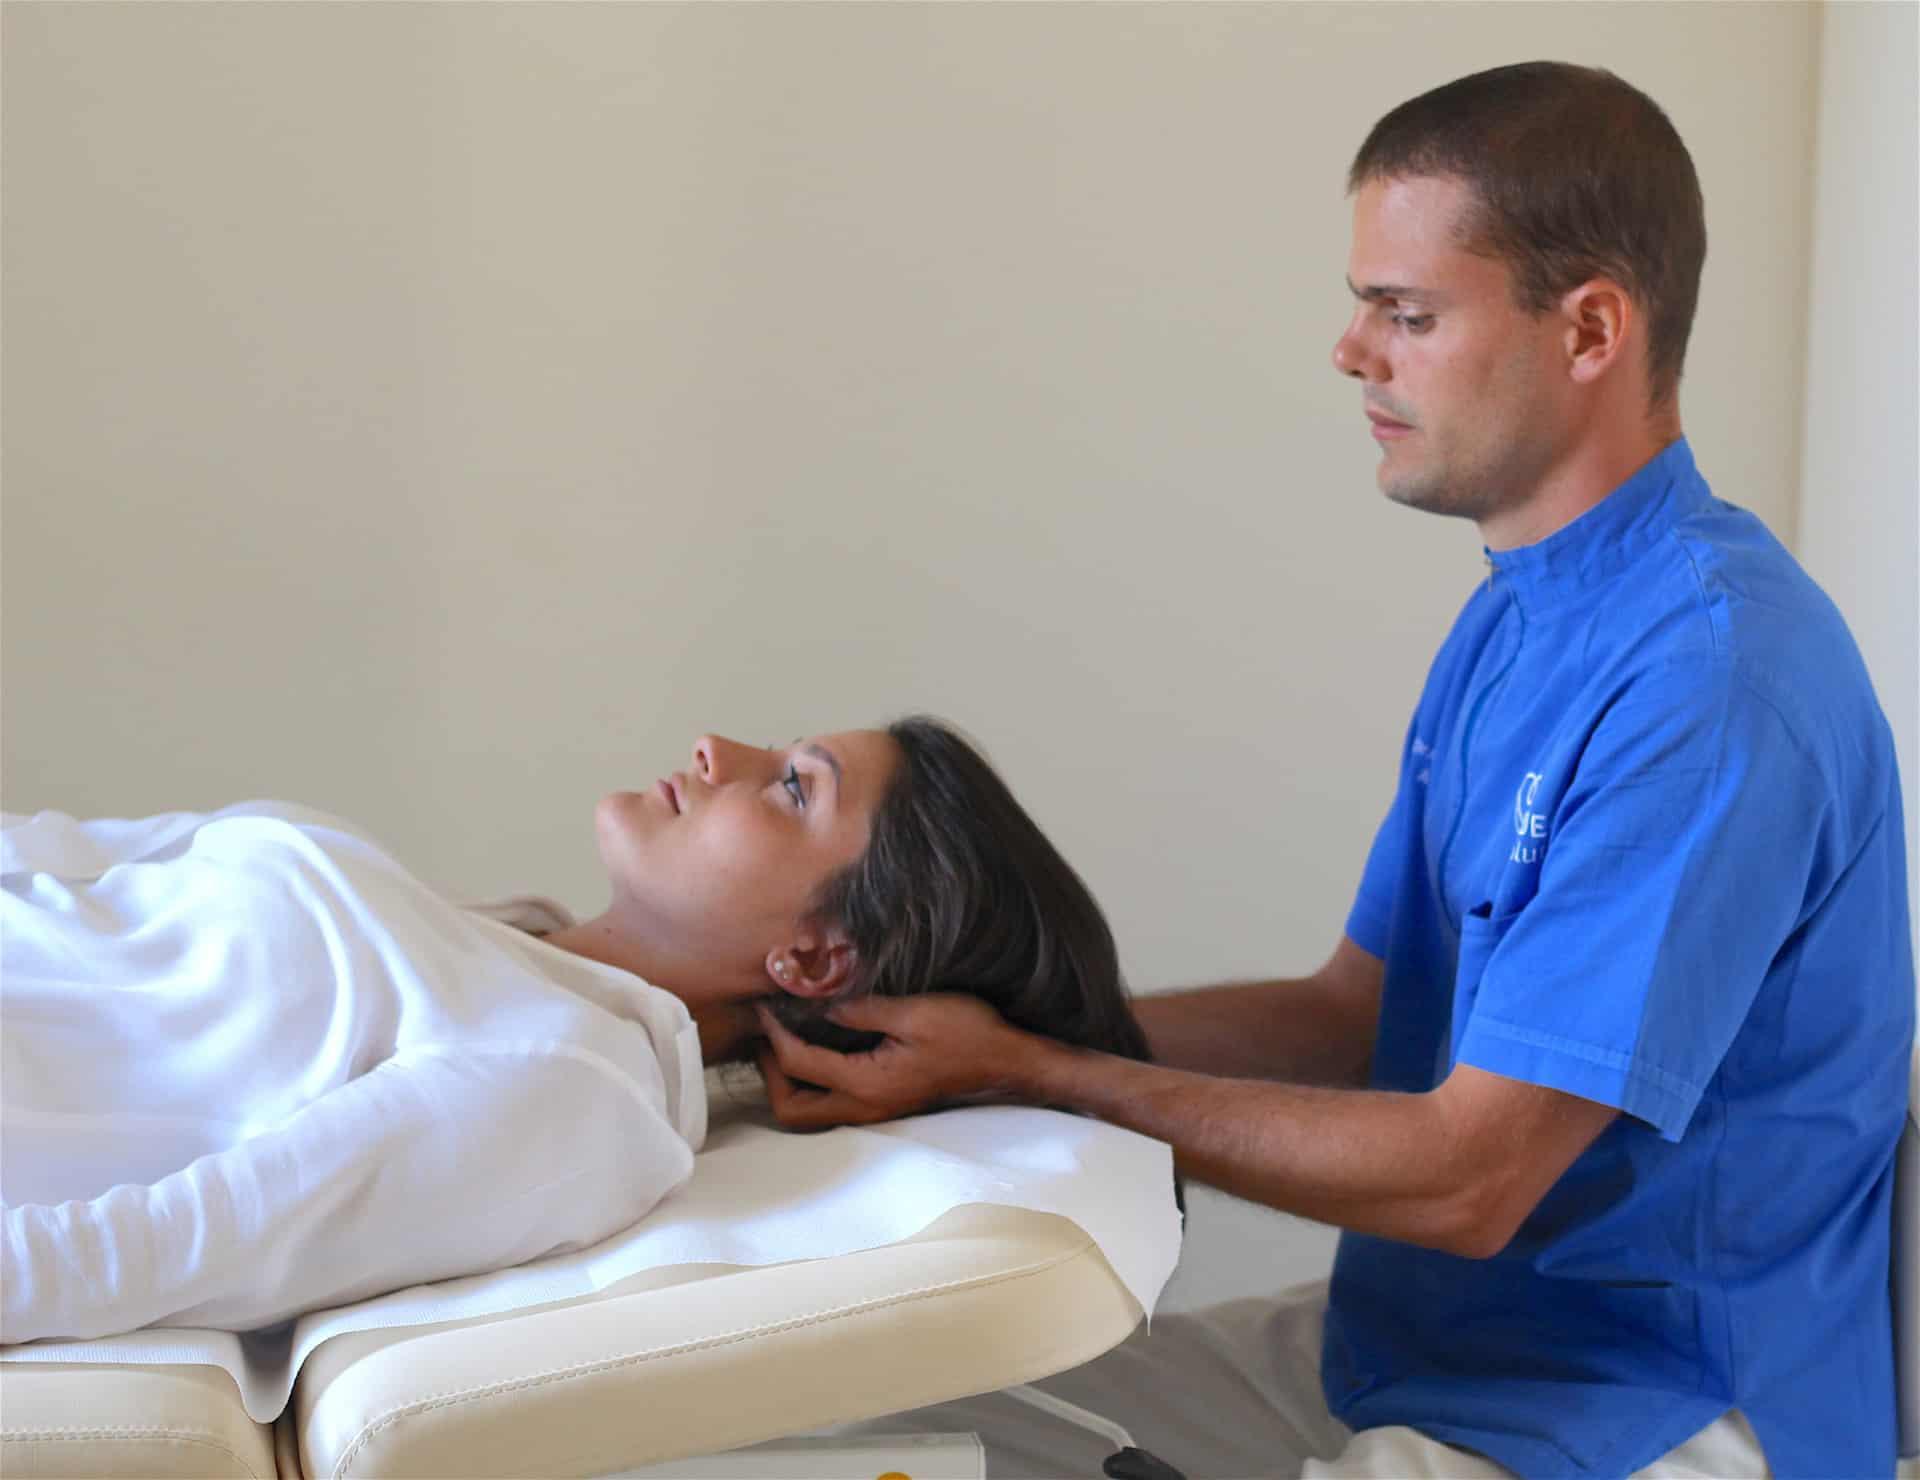 seduta collo fisioterapia